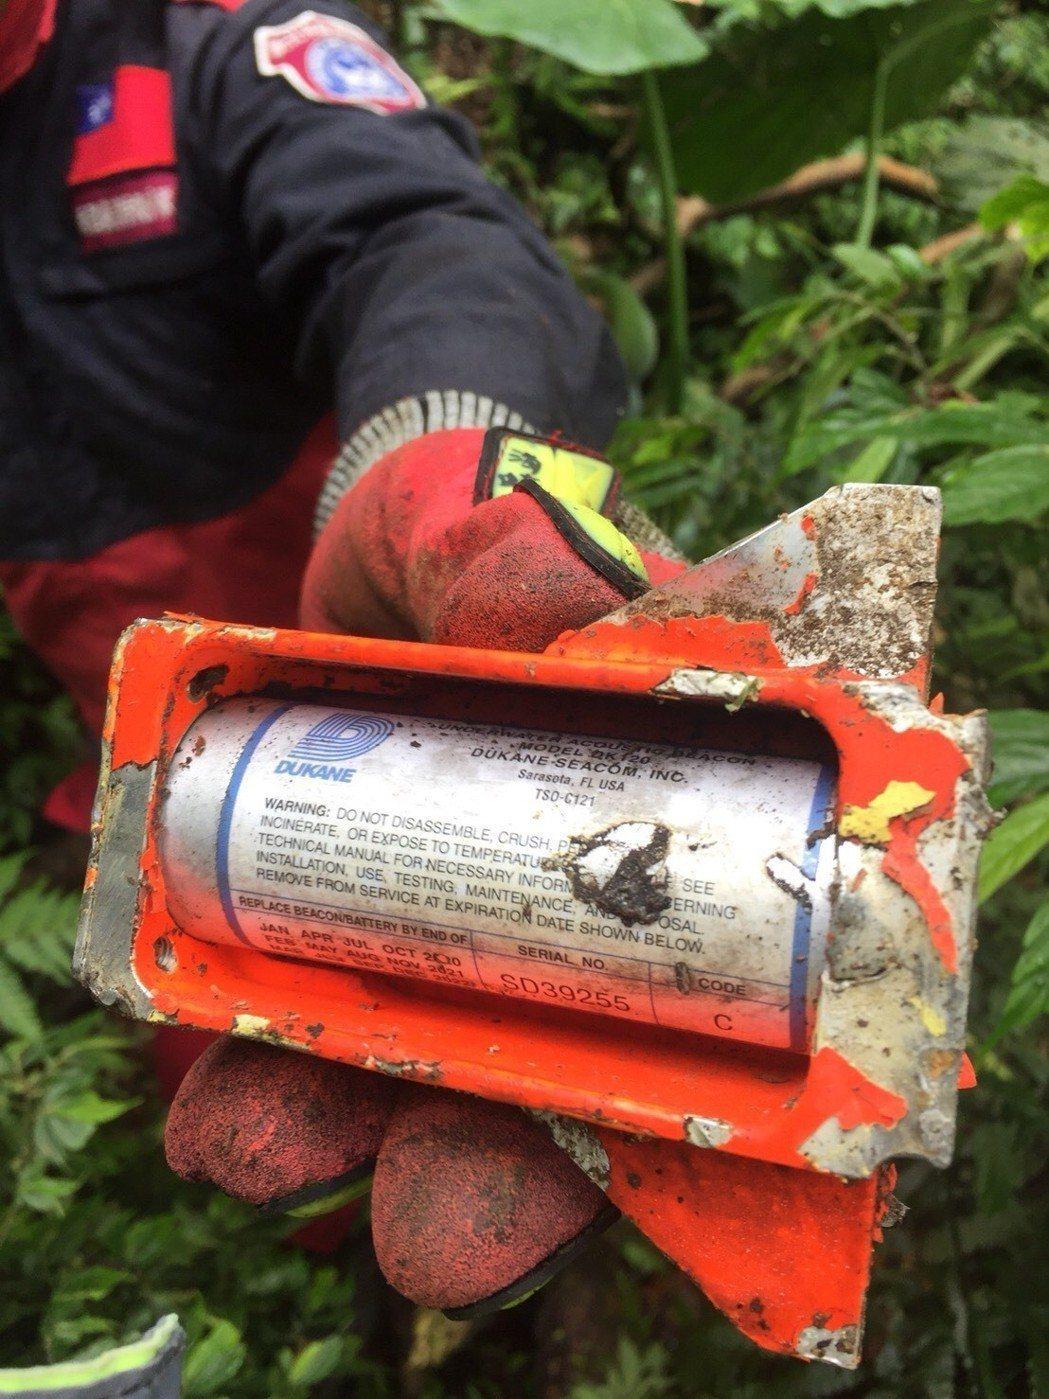 戰機撞山失事至今,搜索人員陸續尋獲墜機信標發射器、黑盒子上蓋外殼,但仍未尋獲關鍵...